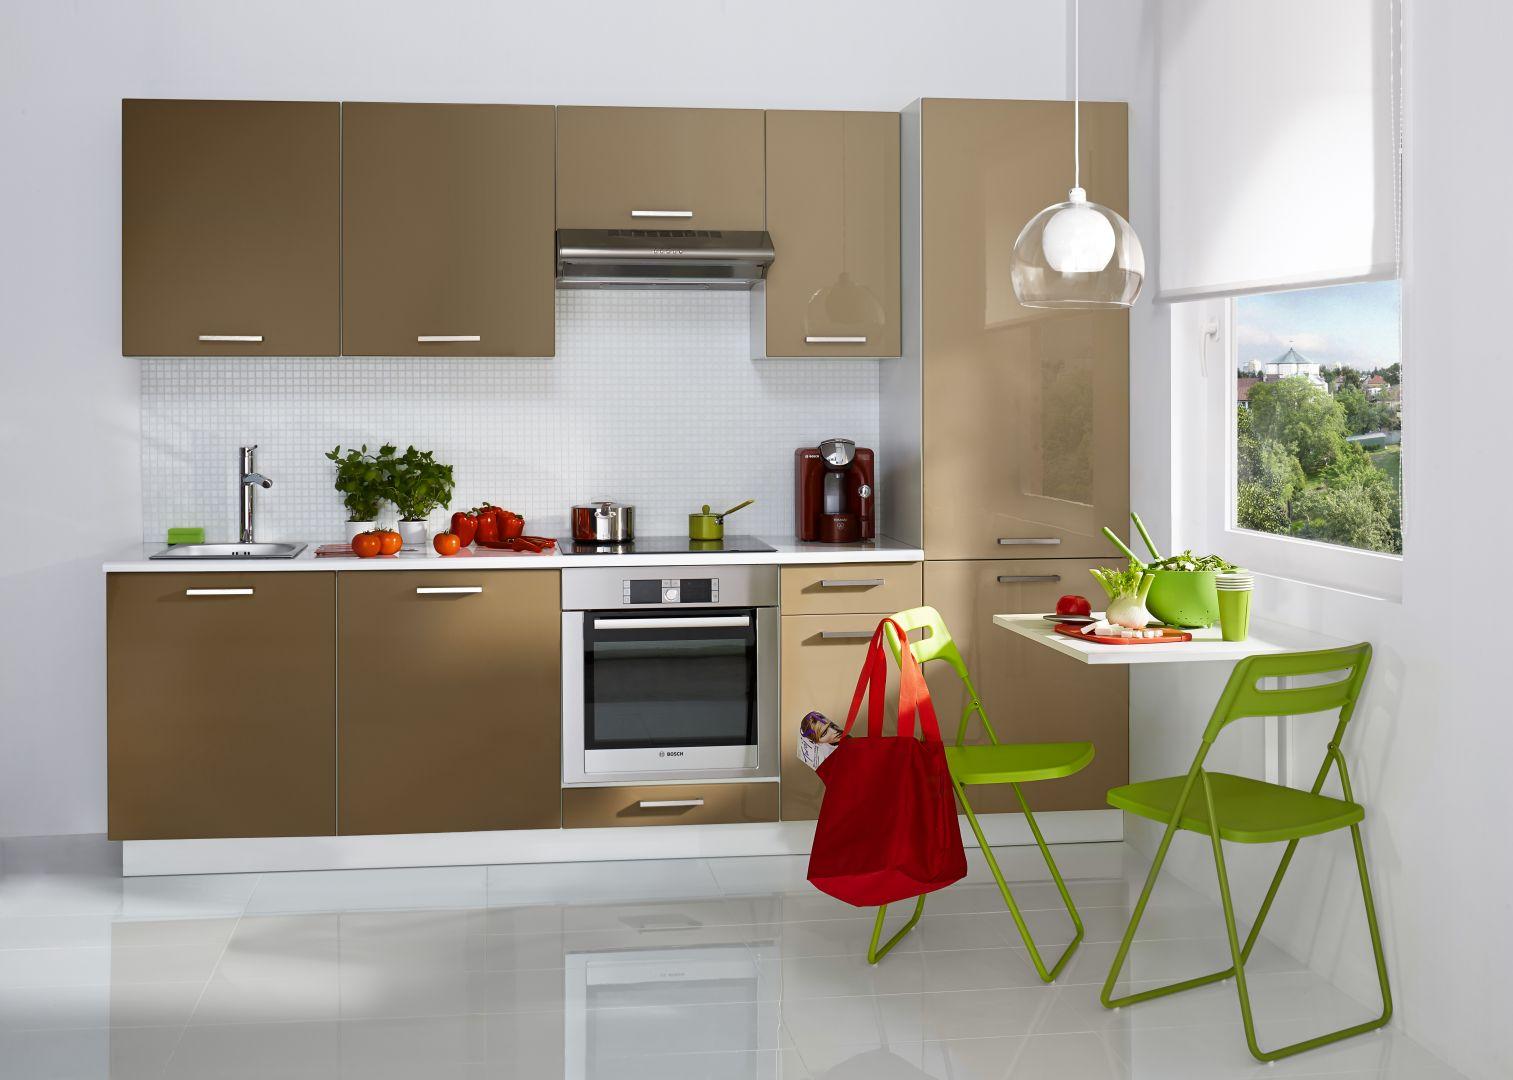 Kuchnia City w kolorze cappucino, świetnie sprawdzi się w mieszkaniu w bloku. Aranżacja jest prosta i funkcjonalna. Fot. Castorama